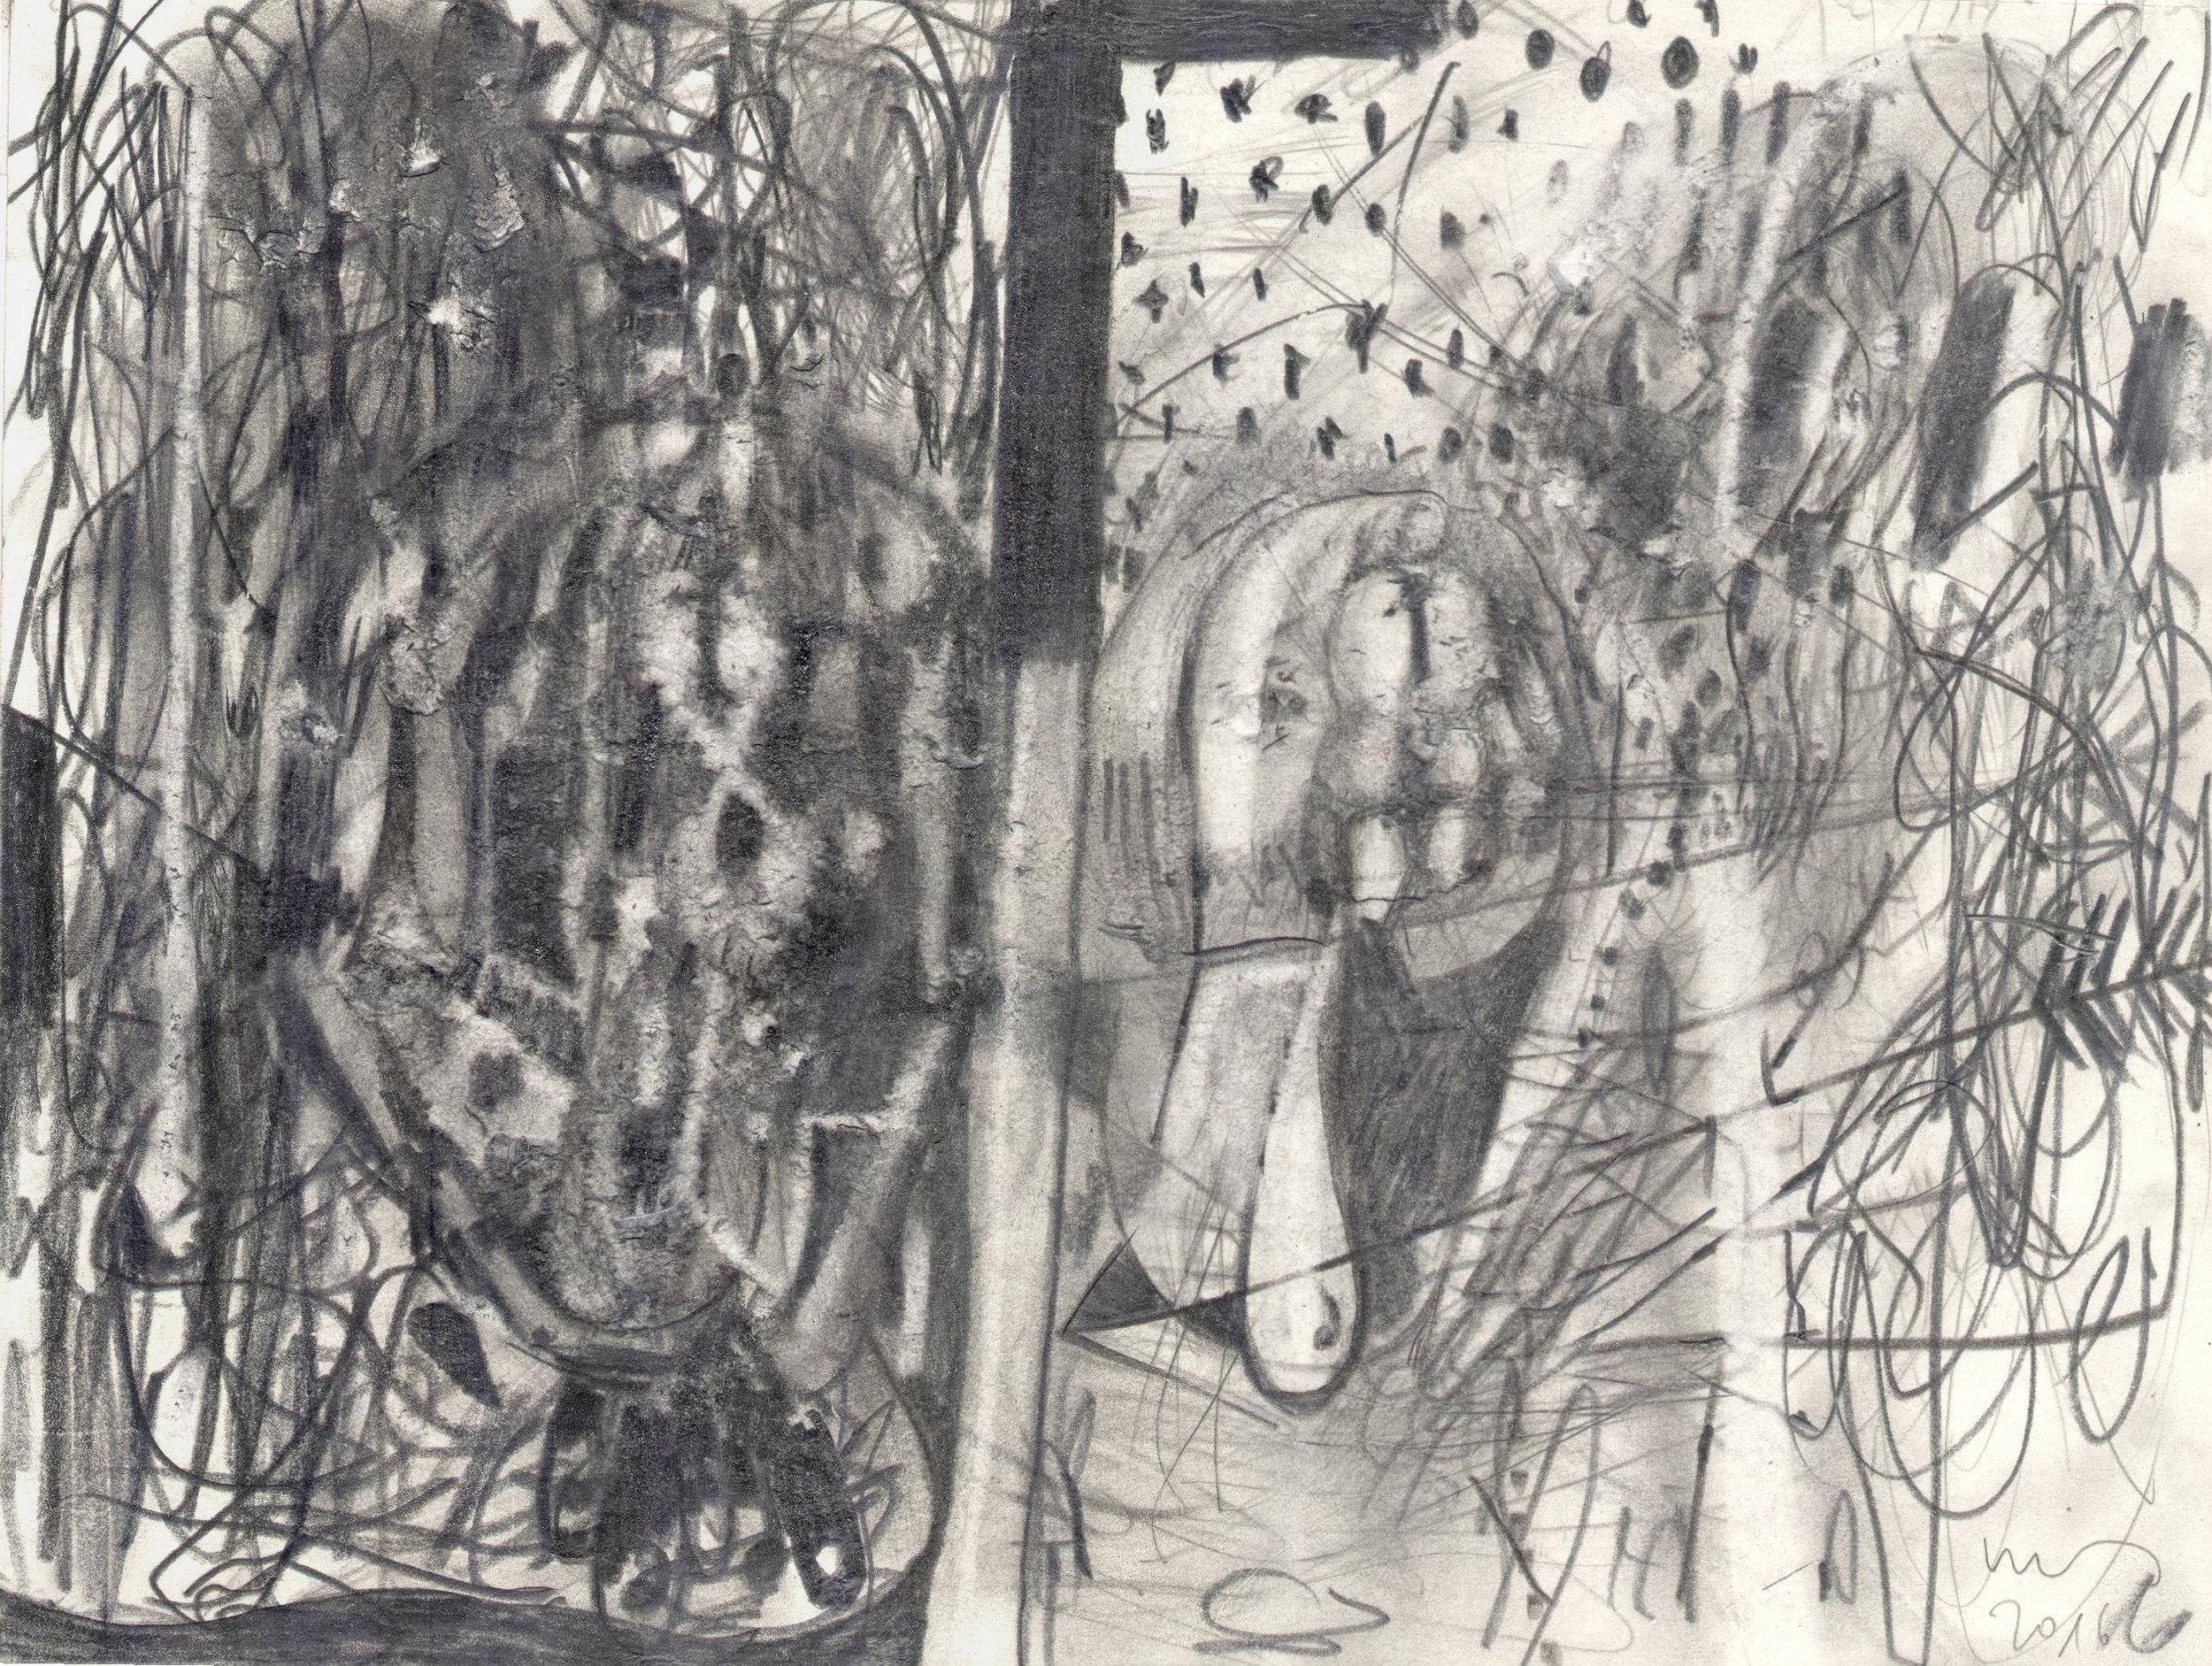 O.T. ( Figur und Abstraktion ), 2017  Bleistift auf Papier, 26x35.5cm